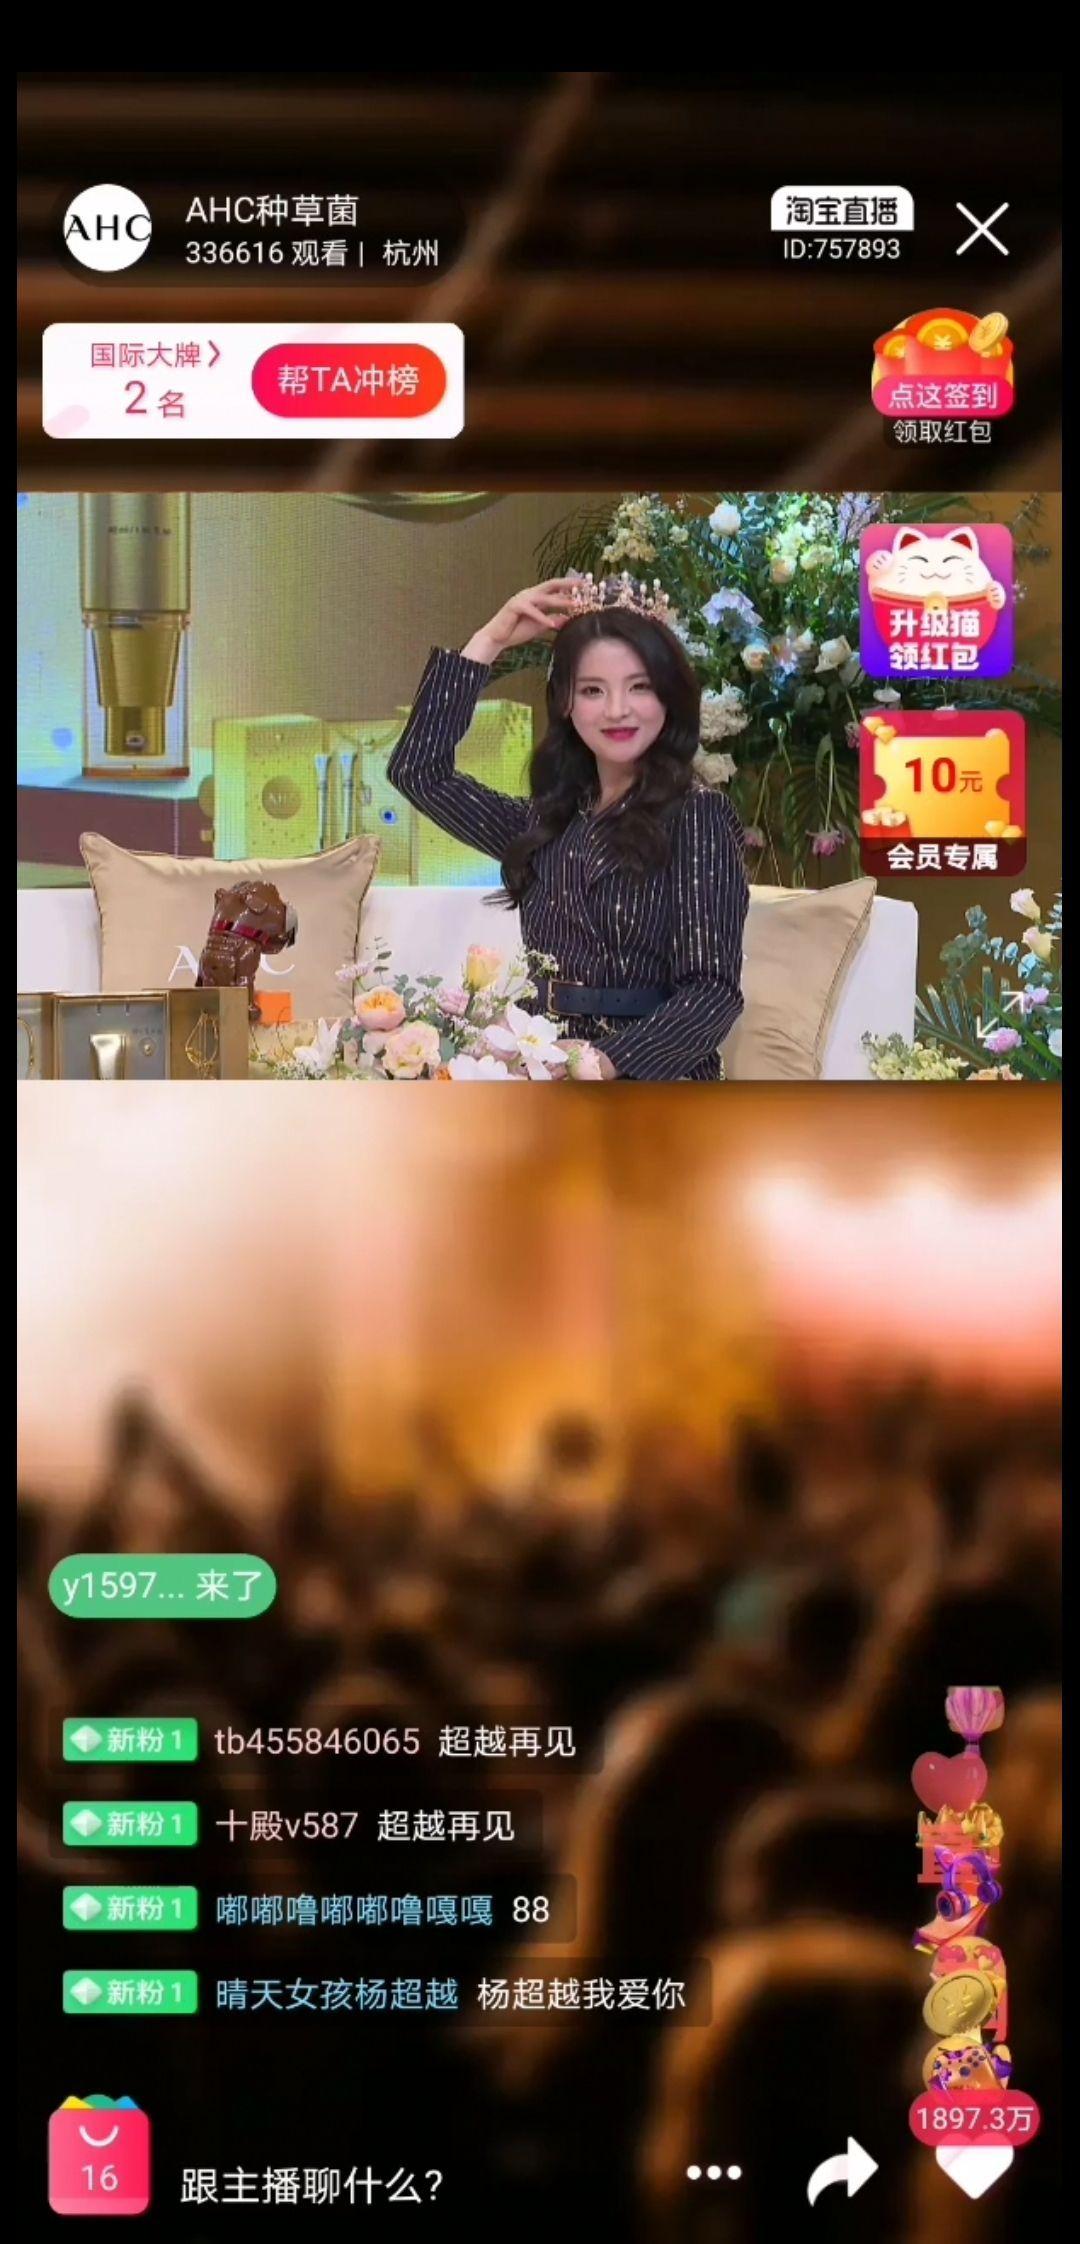 如何看待杨超越3.26号的AHC淘宝直播活动表现?插图